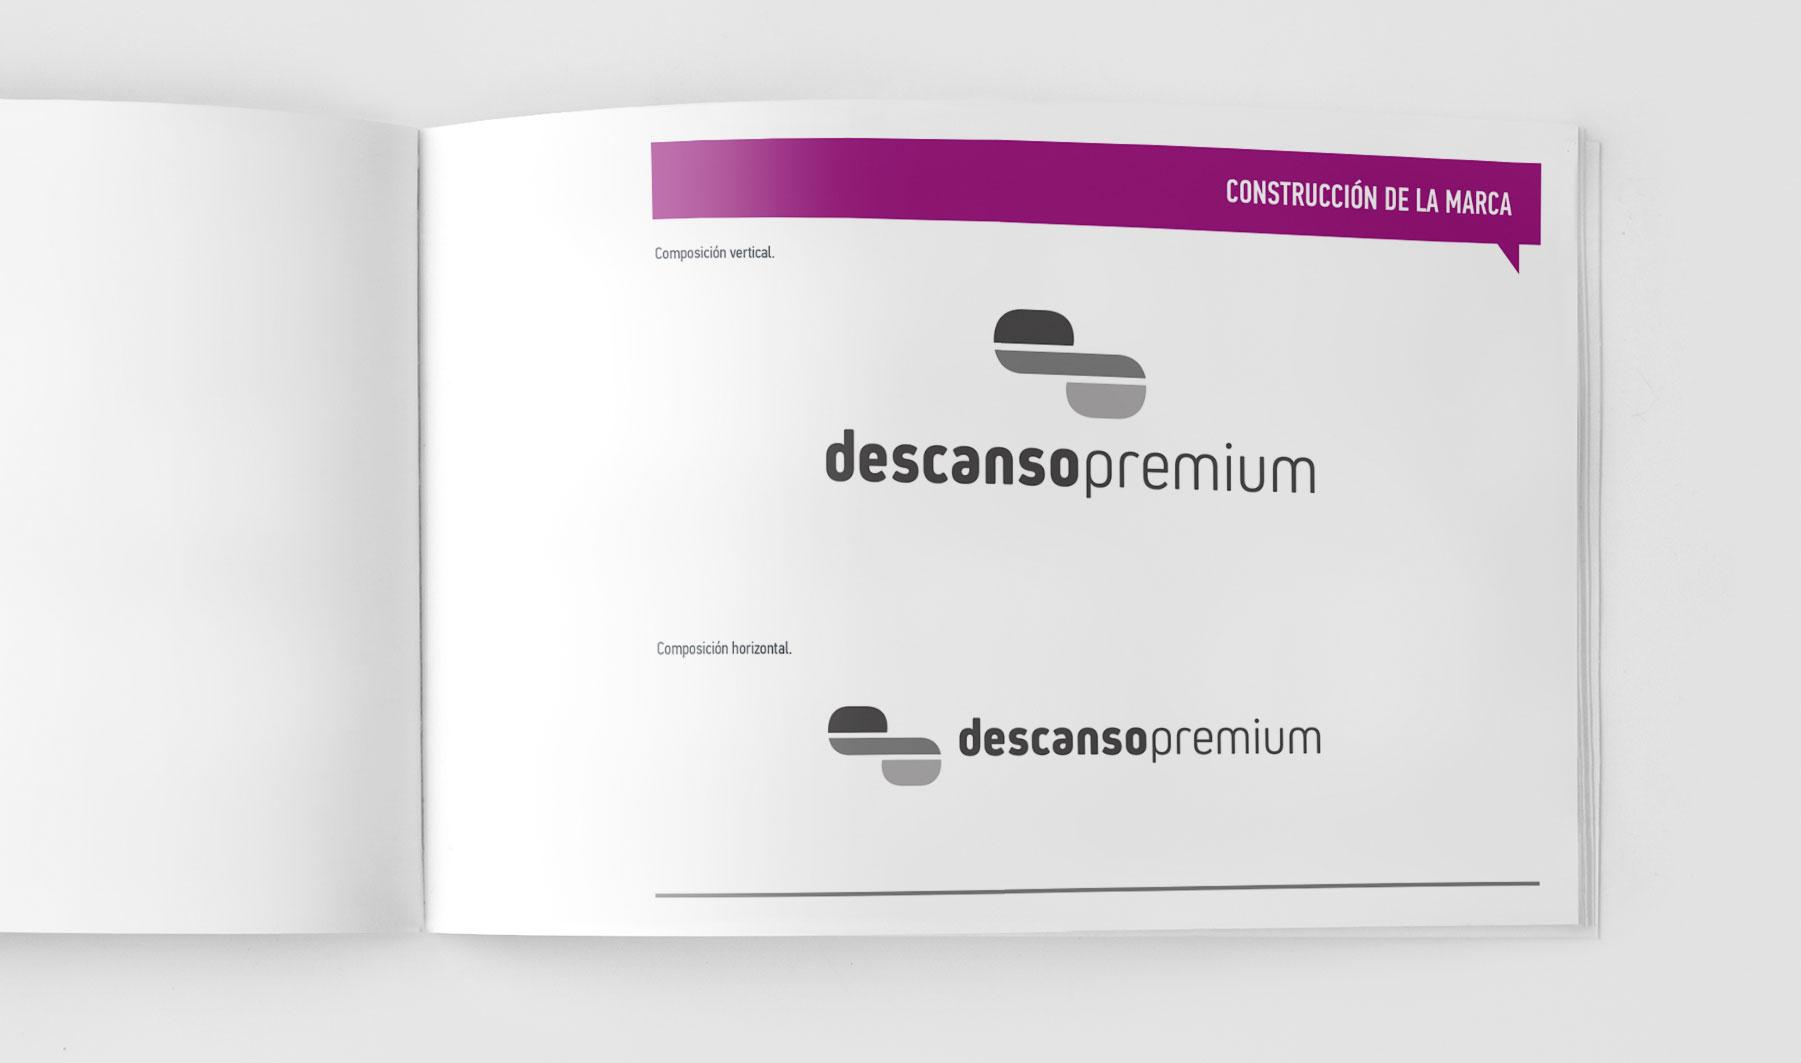 descanso-premium-imagen-corporativa-07